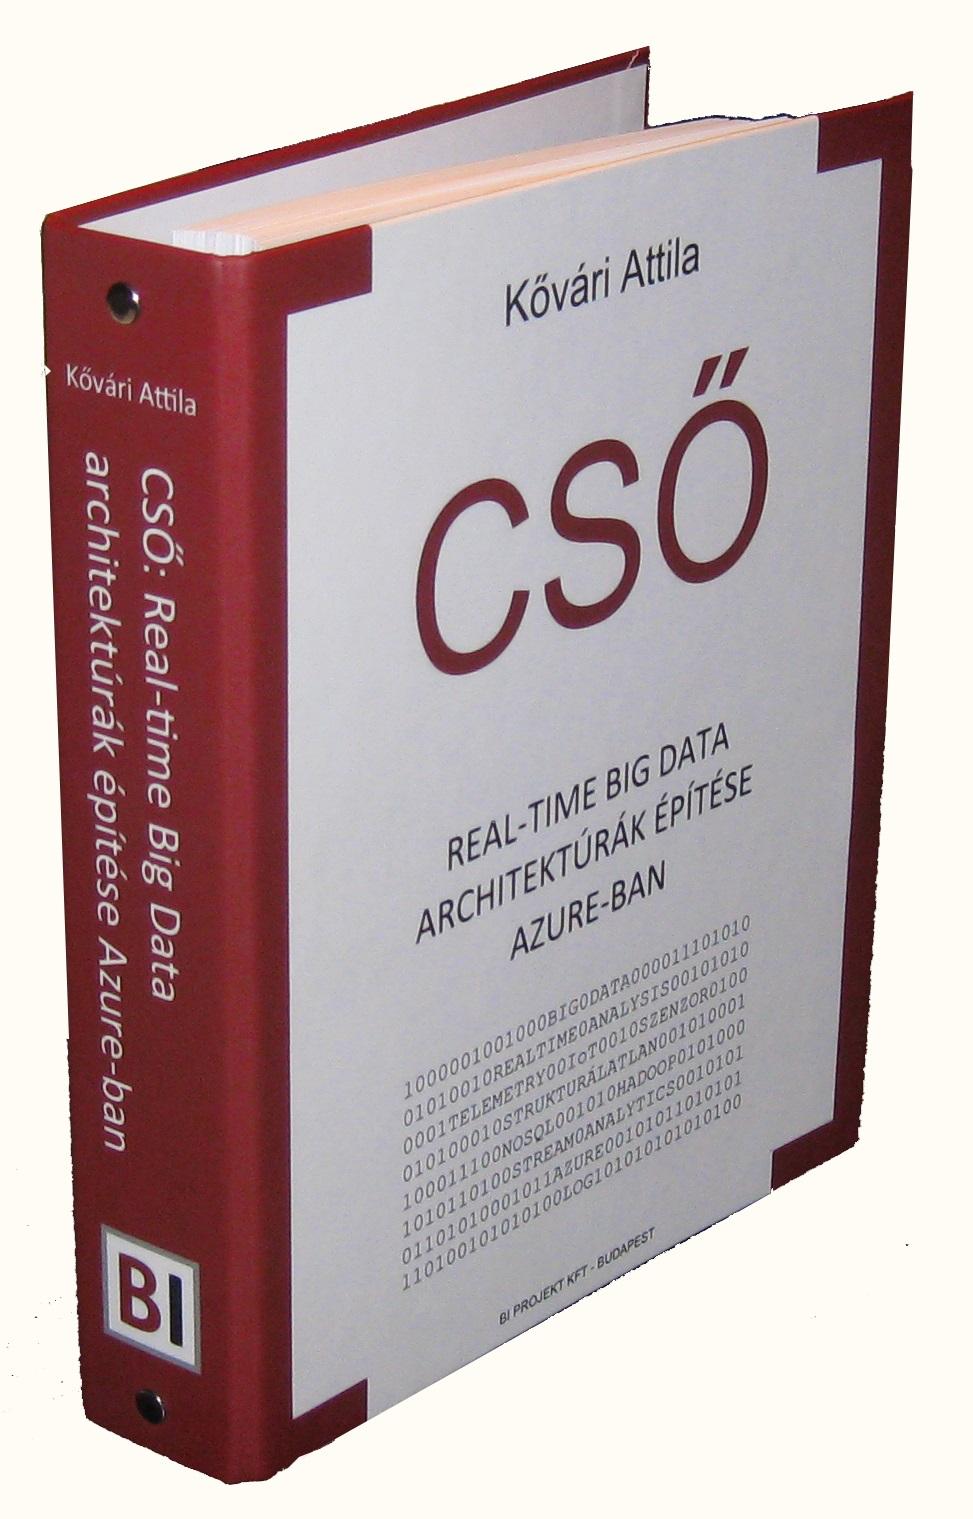 Azure Stream Analytics könyv: Real Time Big Data architektúrák építése Azure-ban